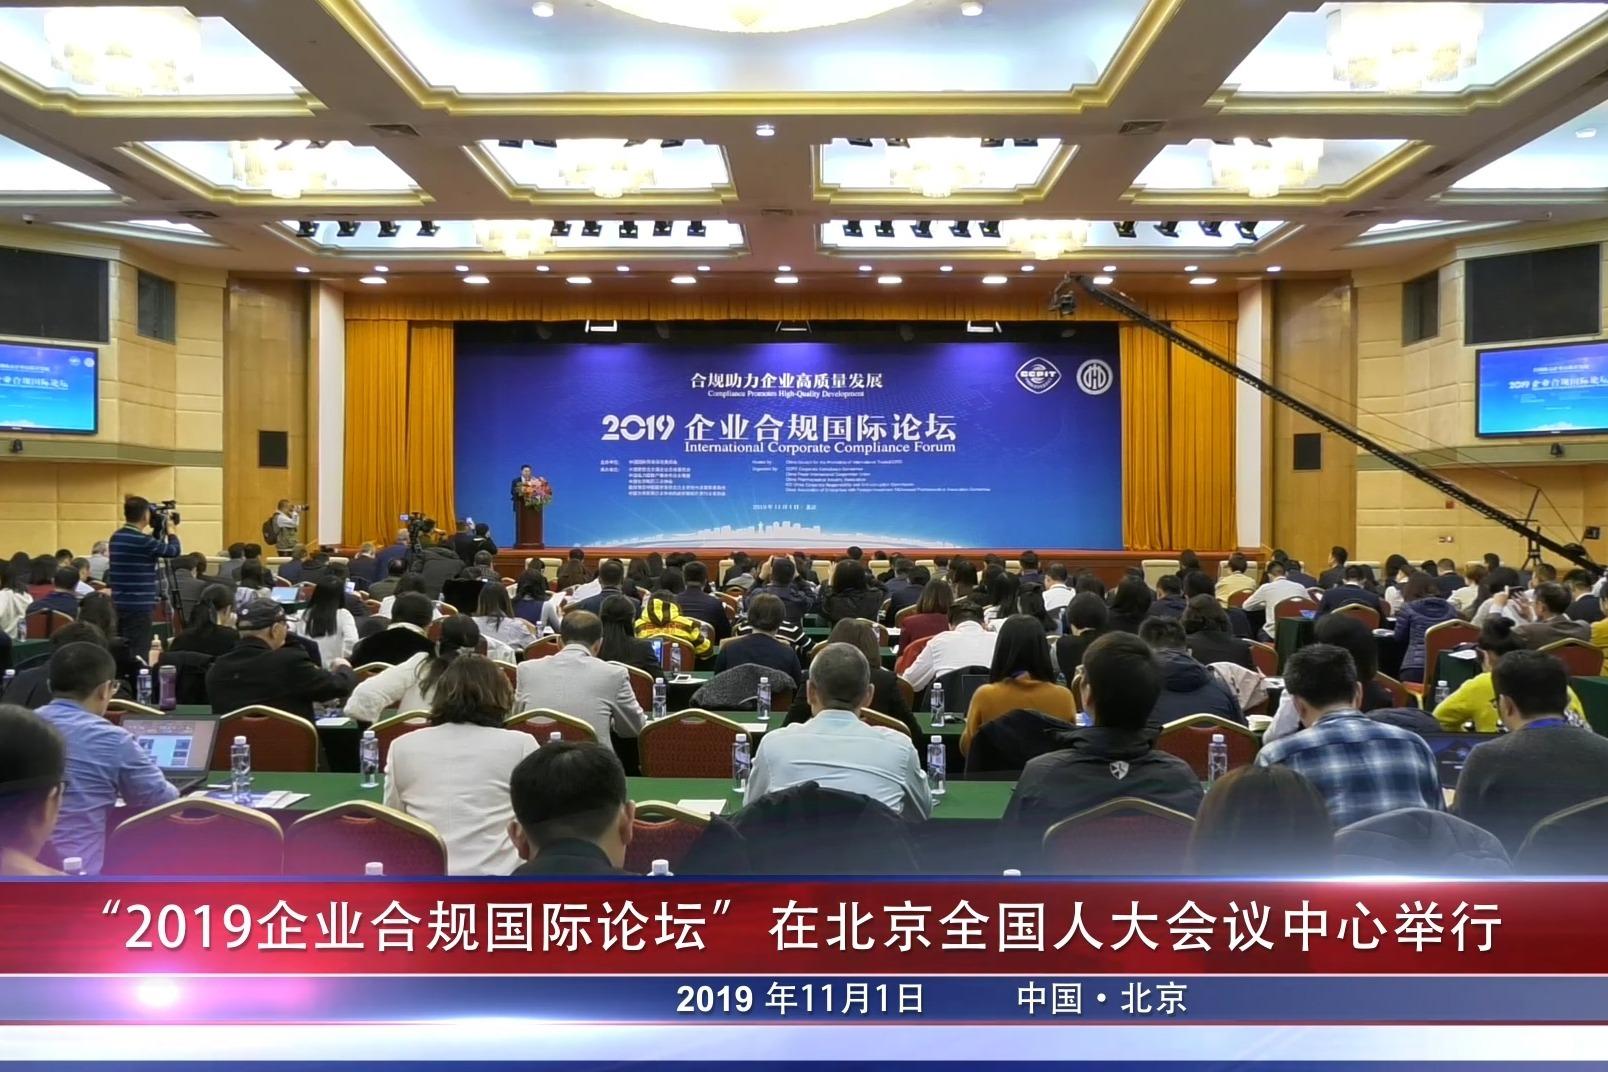 """""""2019企业合规国际论坛""""在北京全国人大会议中心举行"""